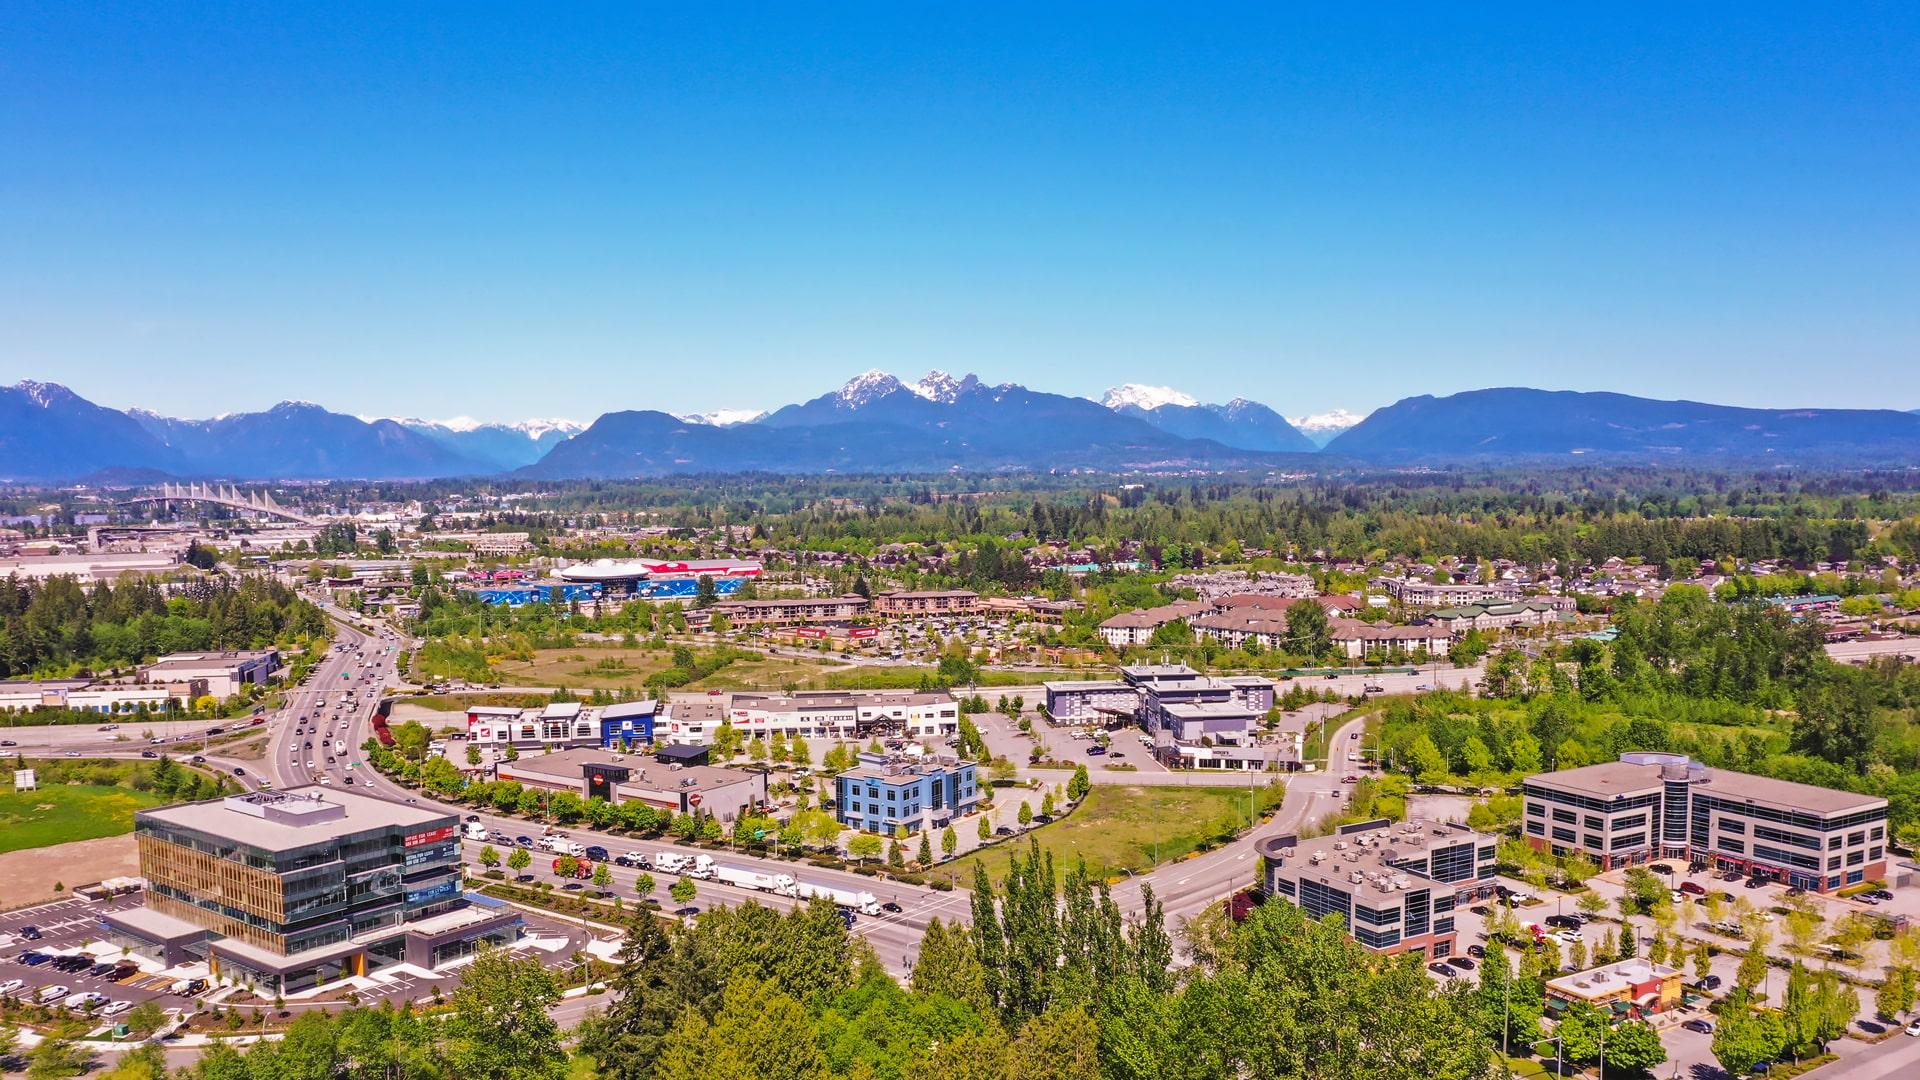 Estudiar un año escolar en colegios públicos de Langley School District, British Columbia (Canadá)